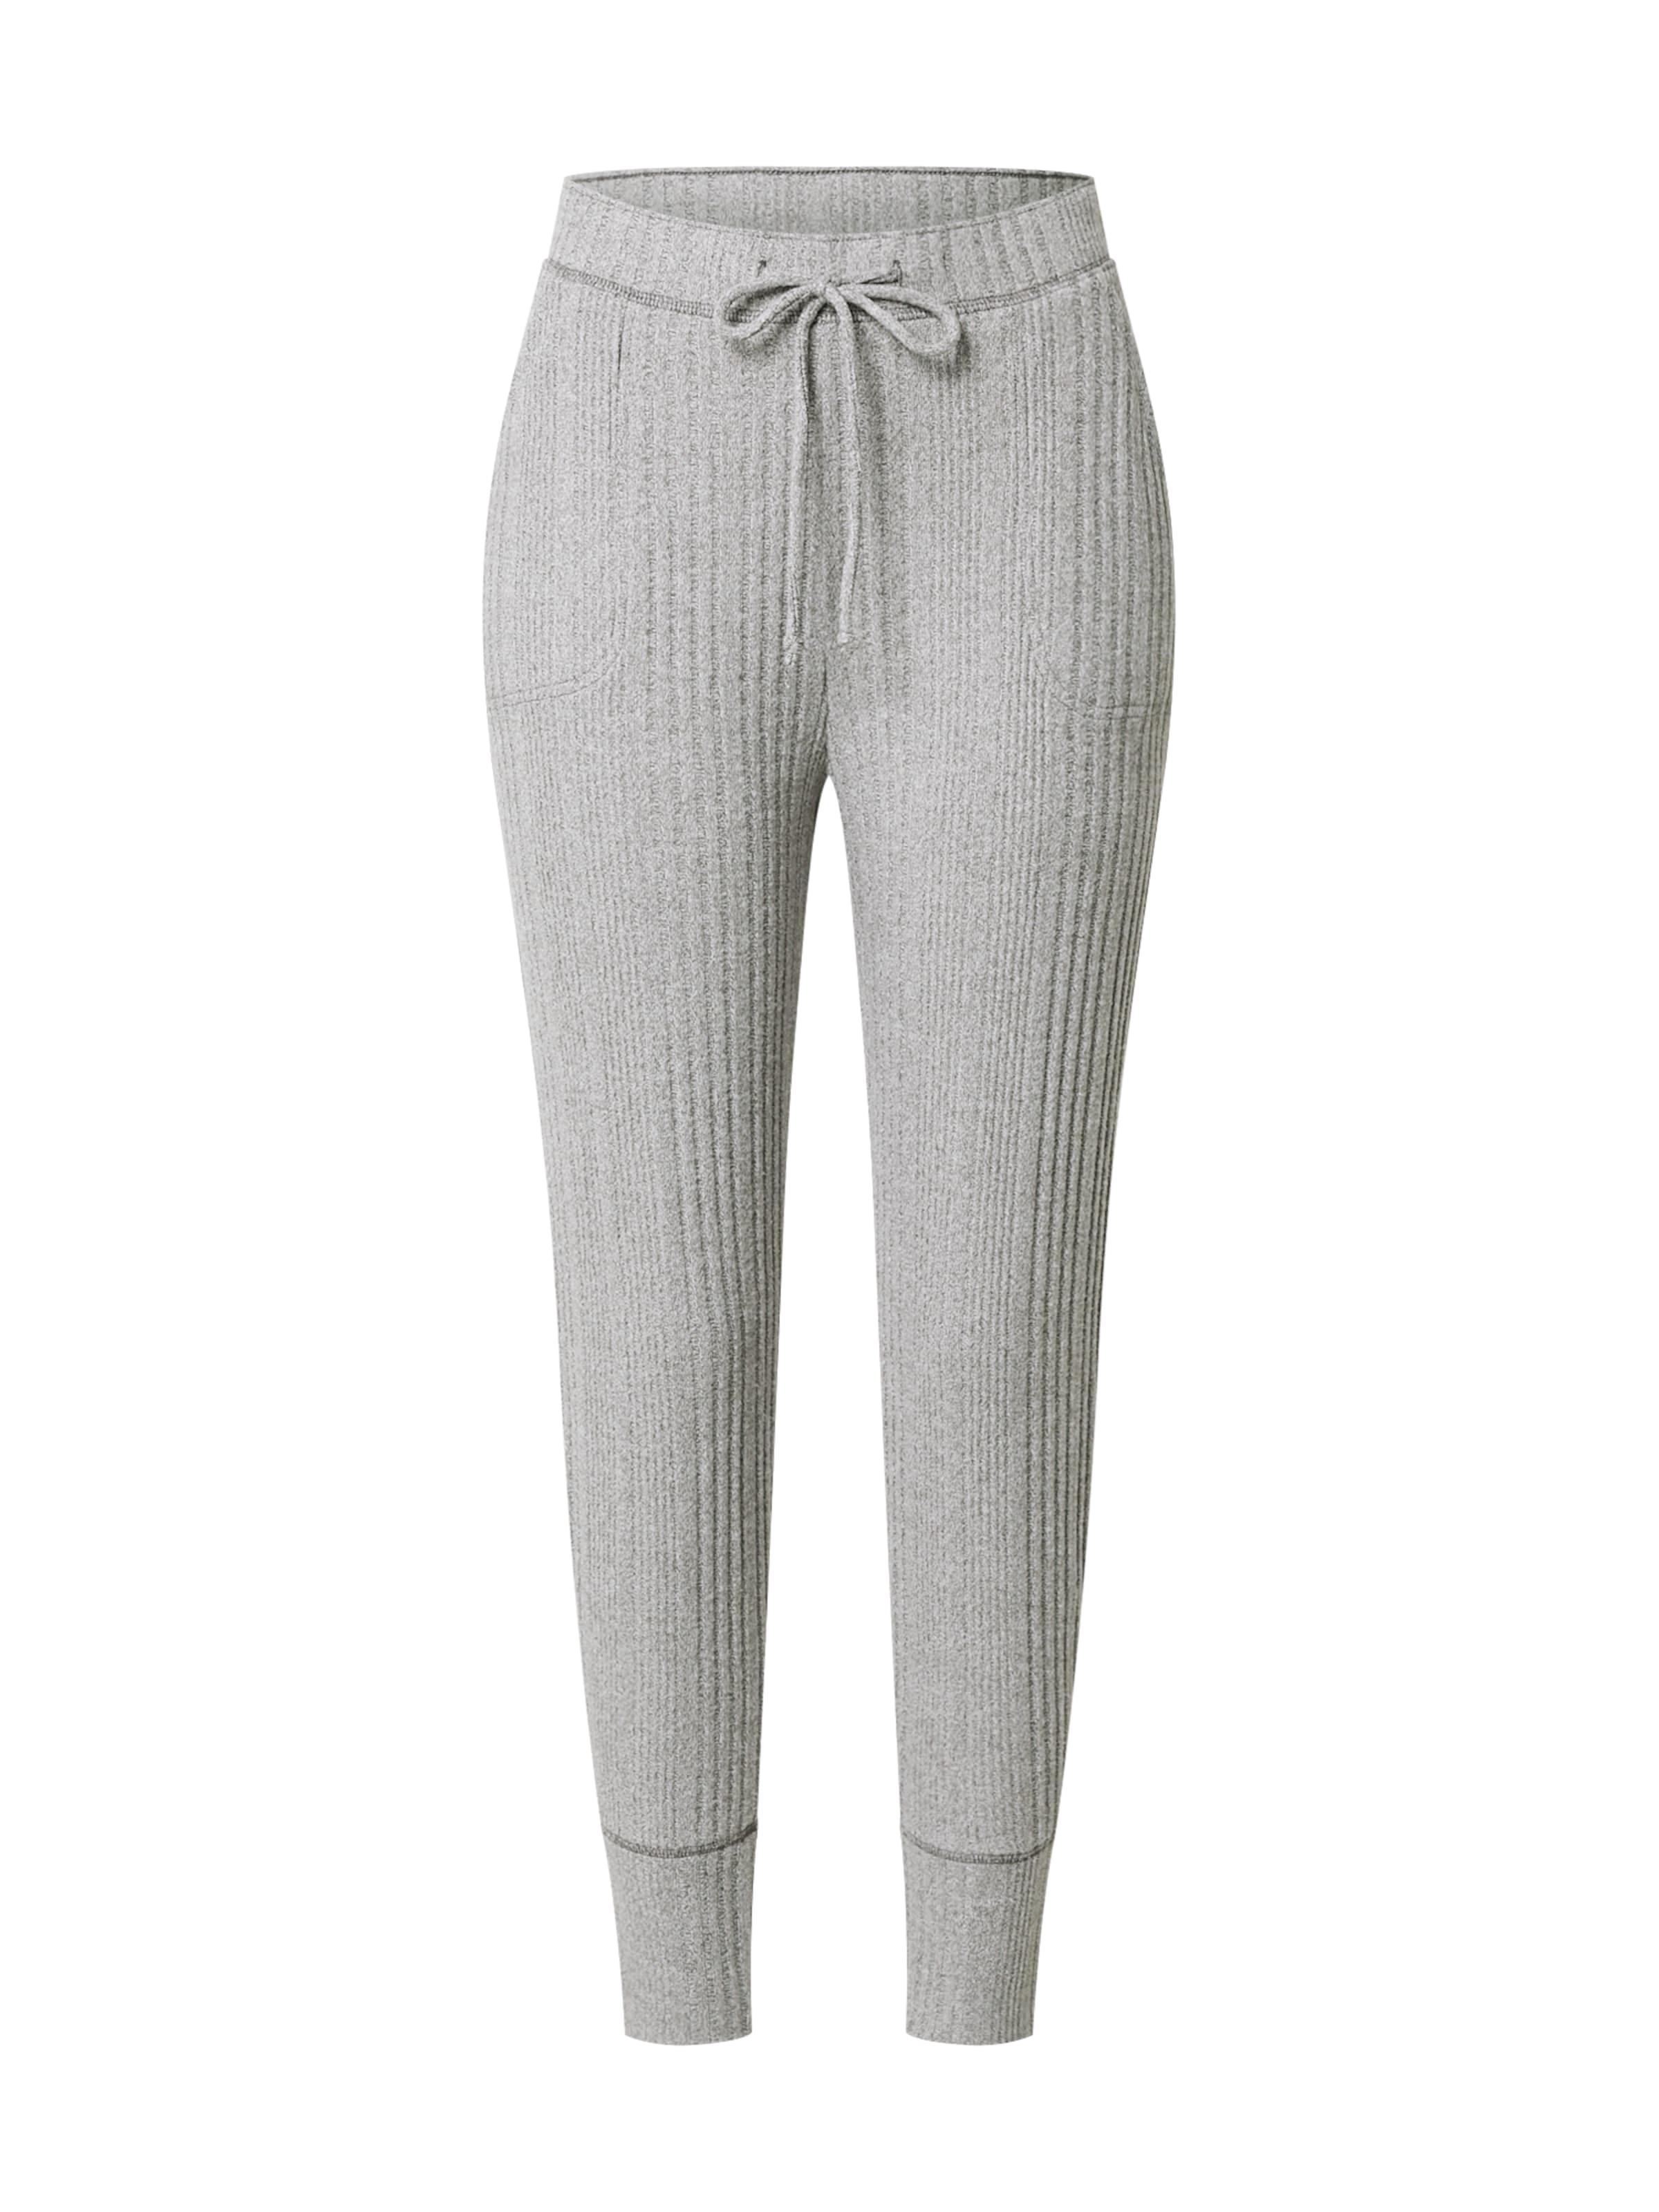 HOLLISTER Pizsama nadrágok világosszürke színben